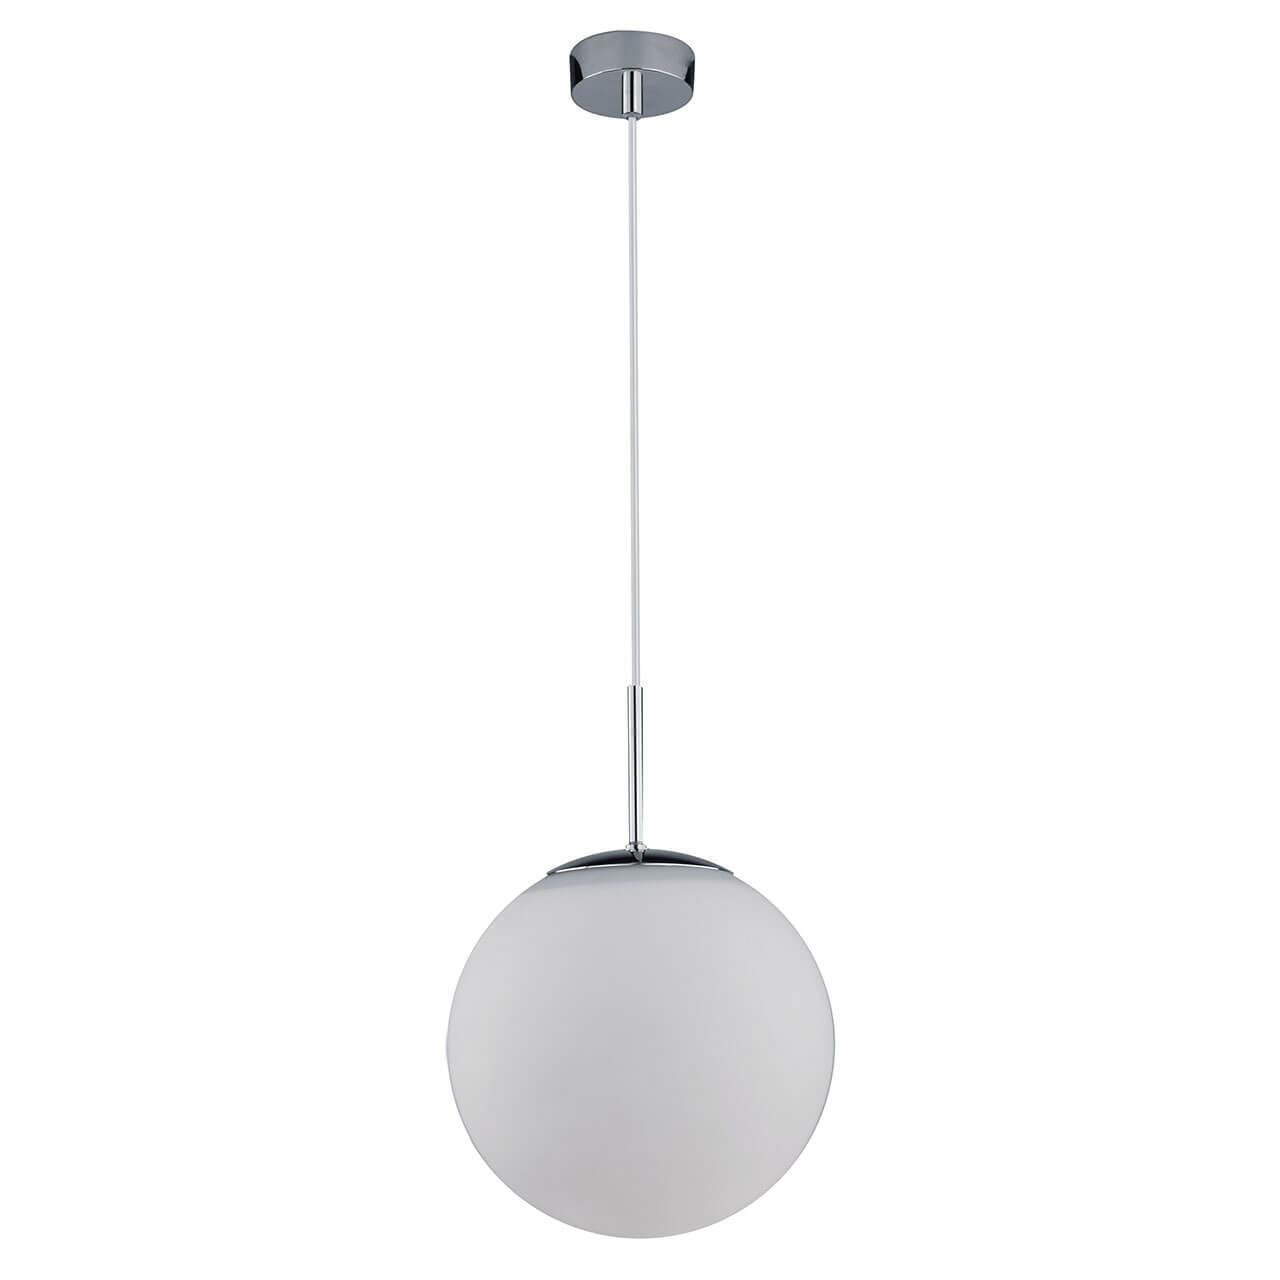 Подвесной светильник Arte Lamp A1562SP-1CC, E27, 60 Вт